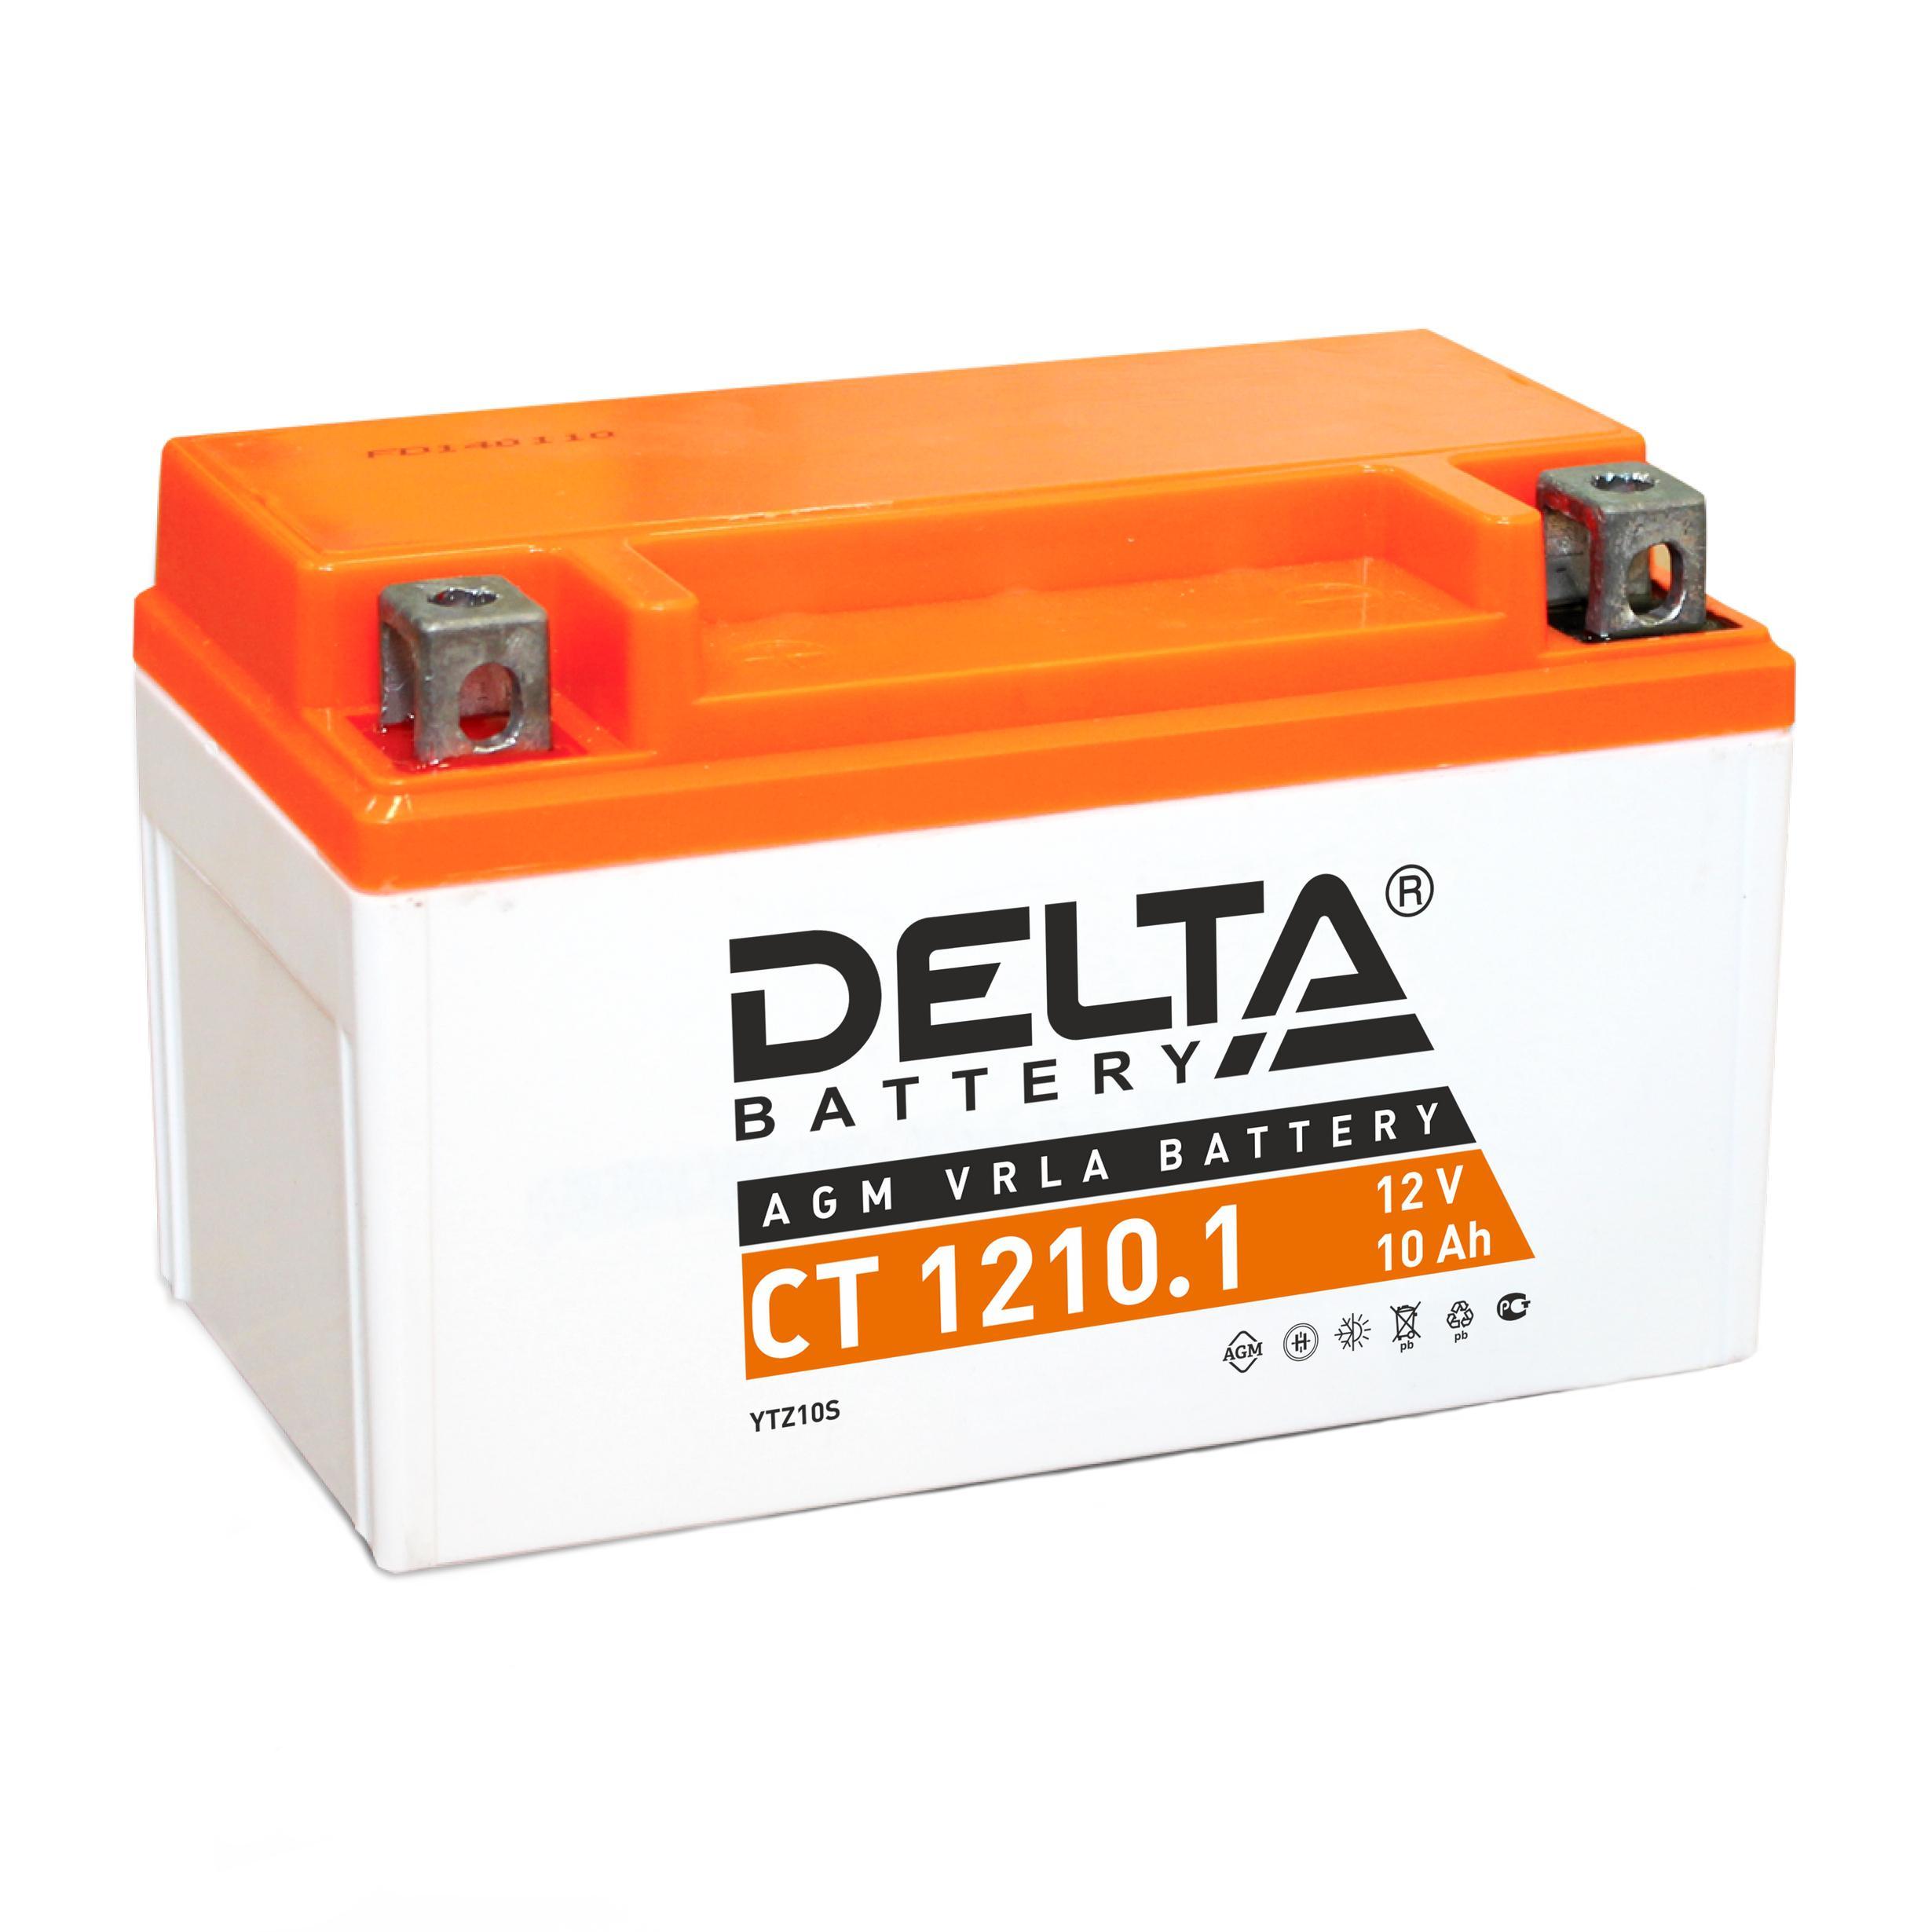 Аккумулятор Delta Ct 1210.1 аккумулятор